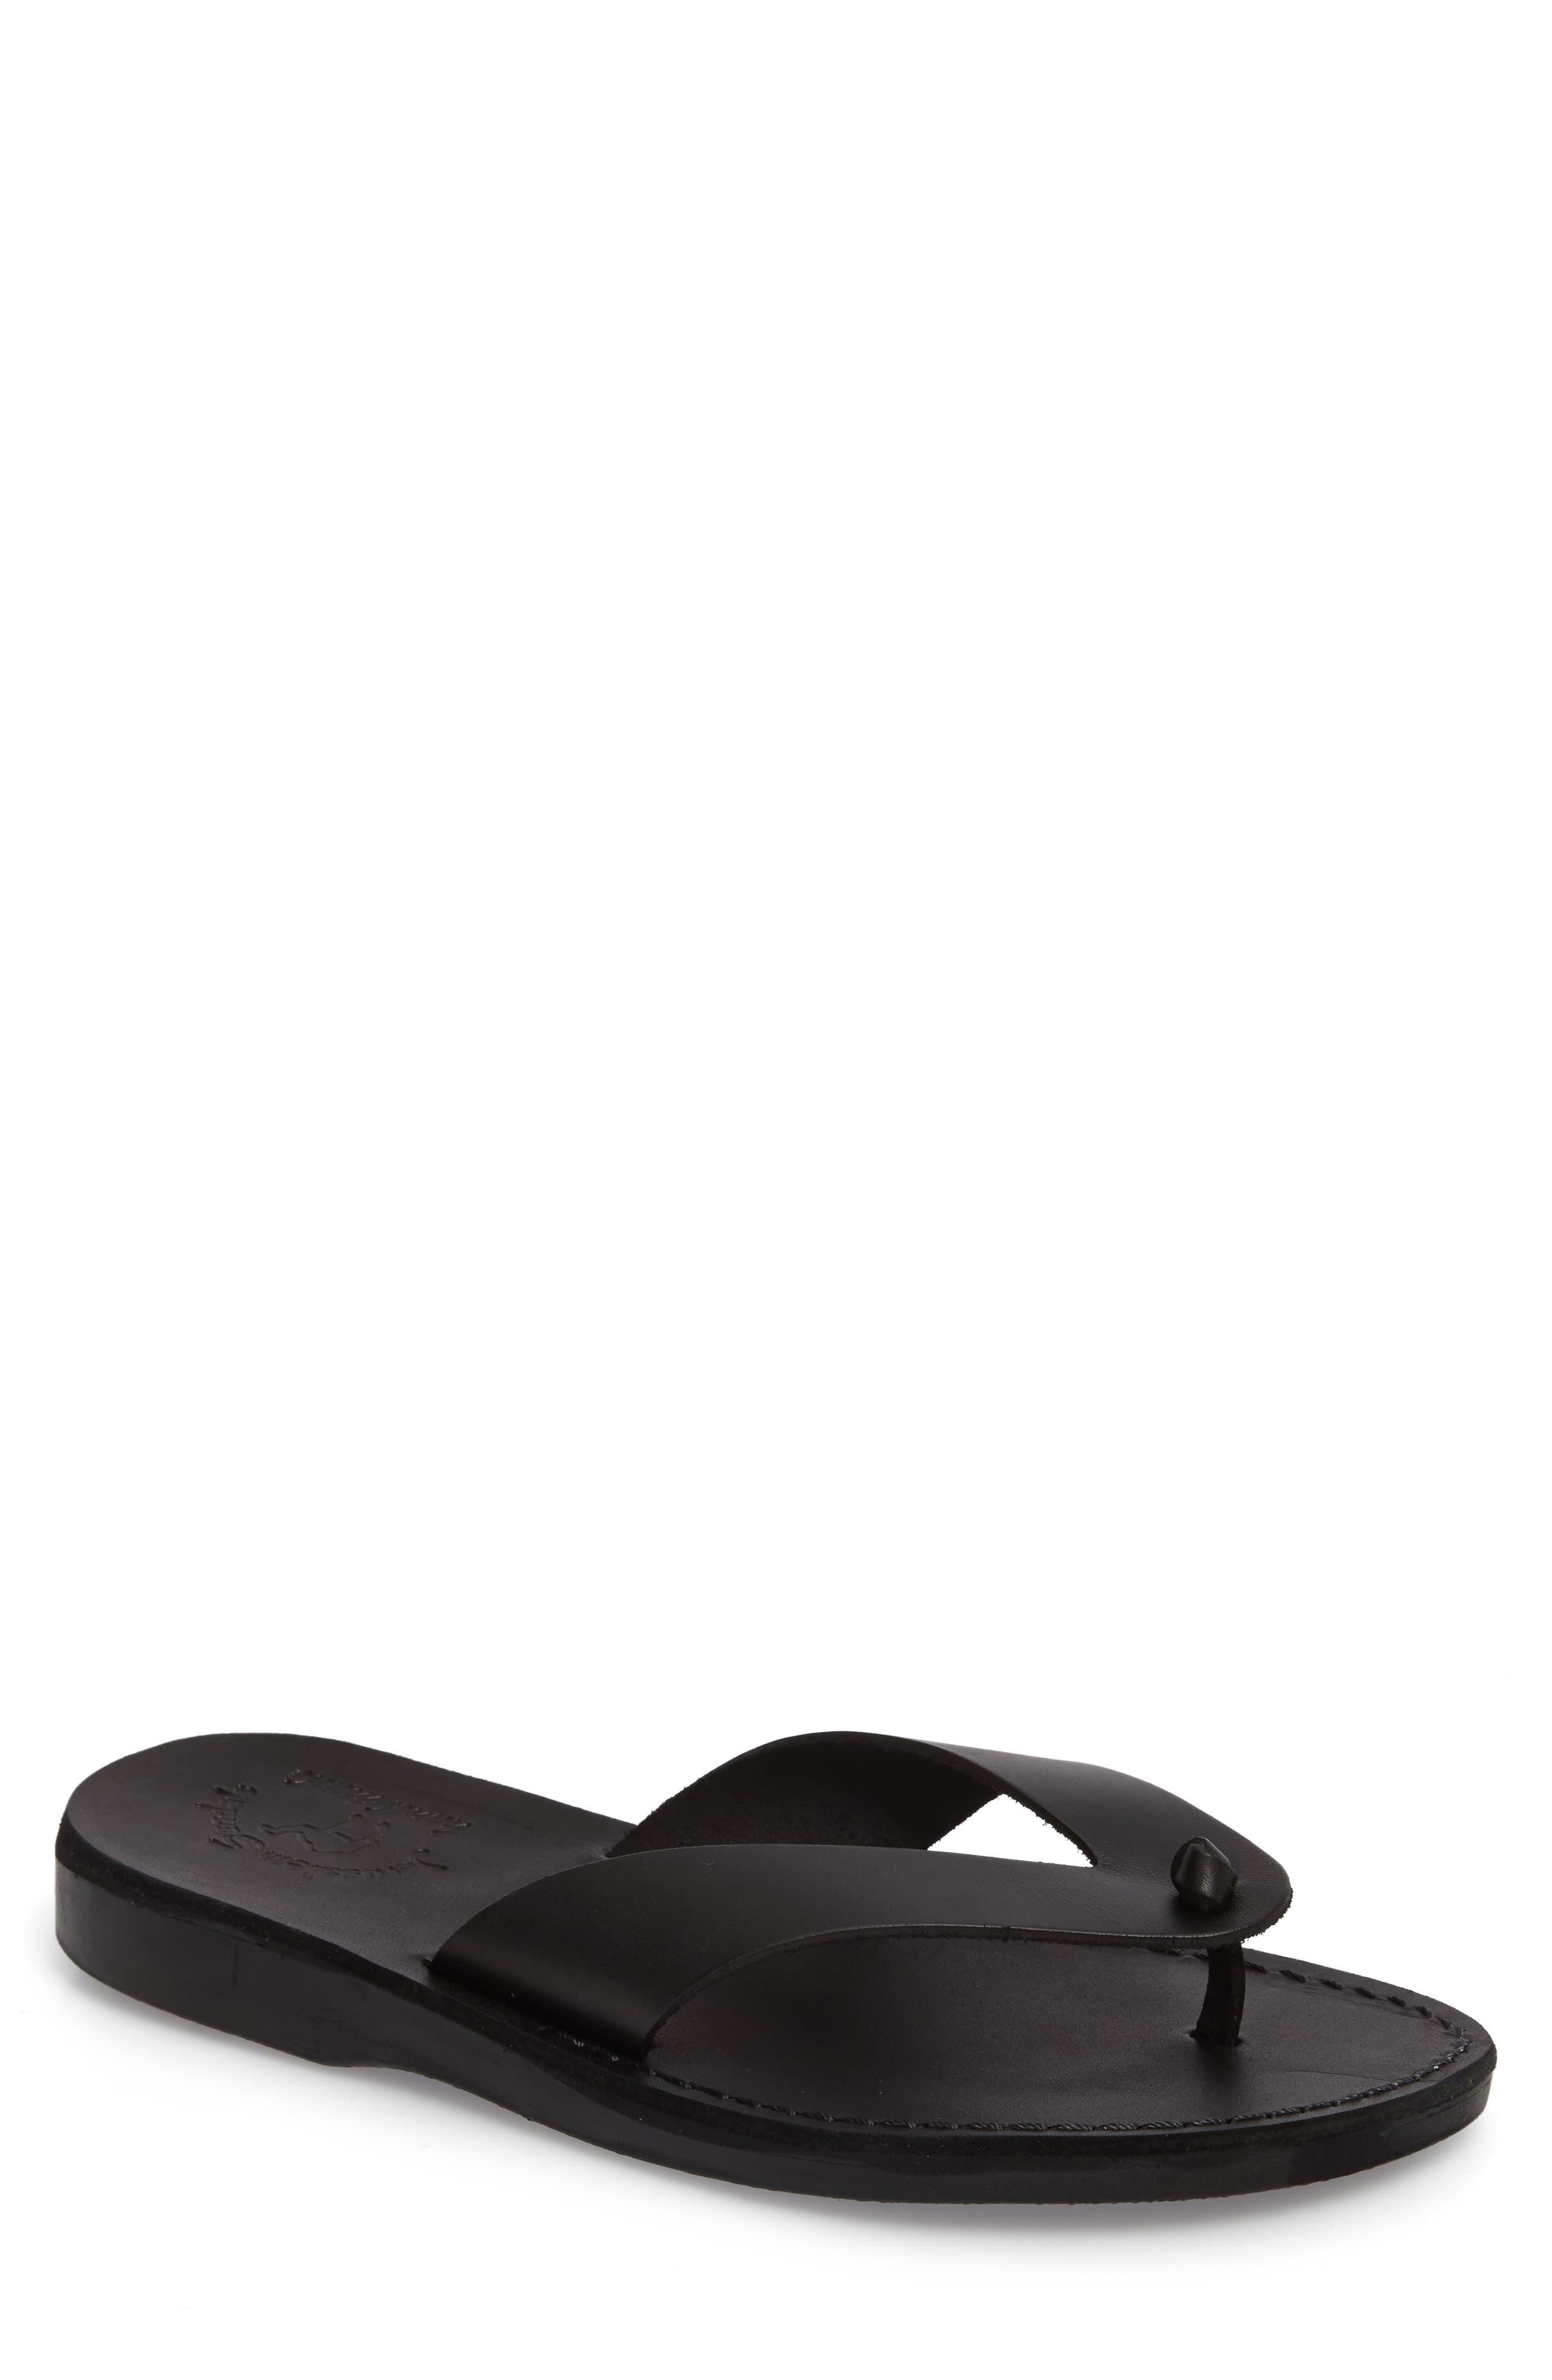 Solomon Flip Flop,                             Main thumbnail 1, color,                             Black Leather